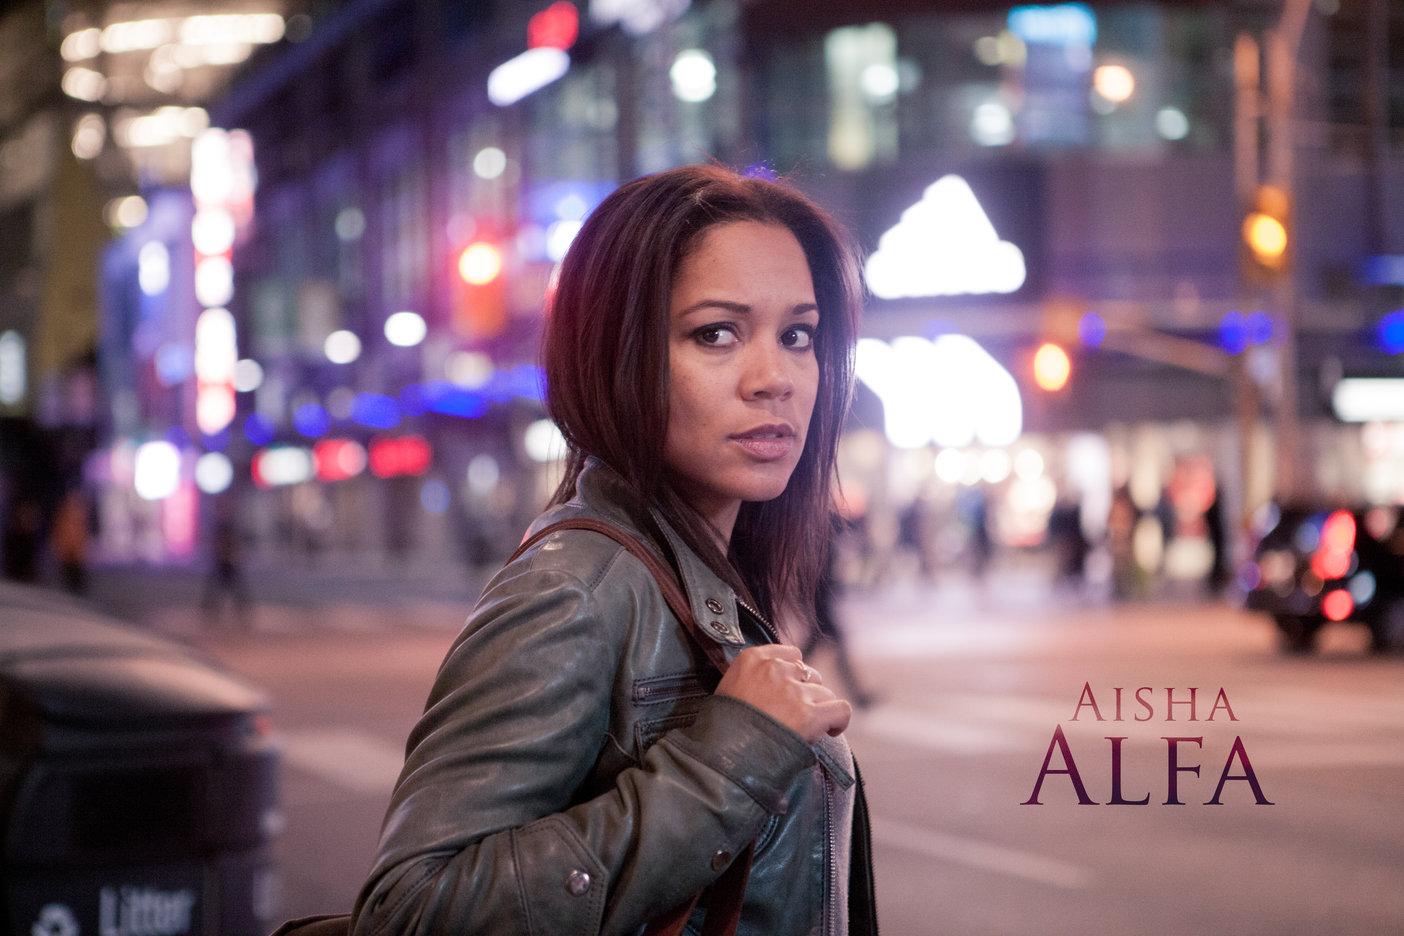 Aisha Alfa